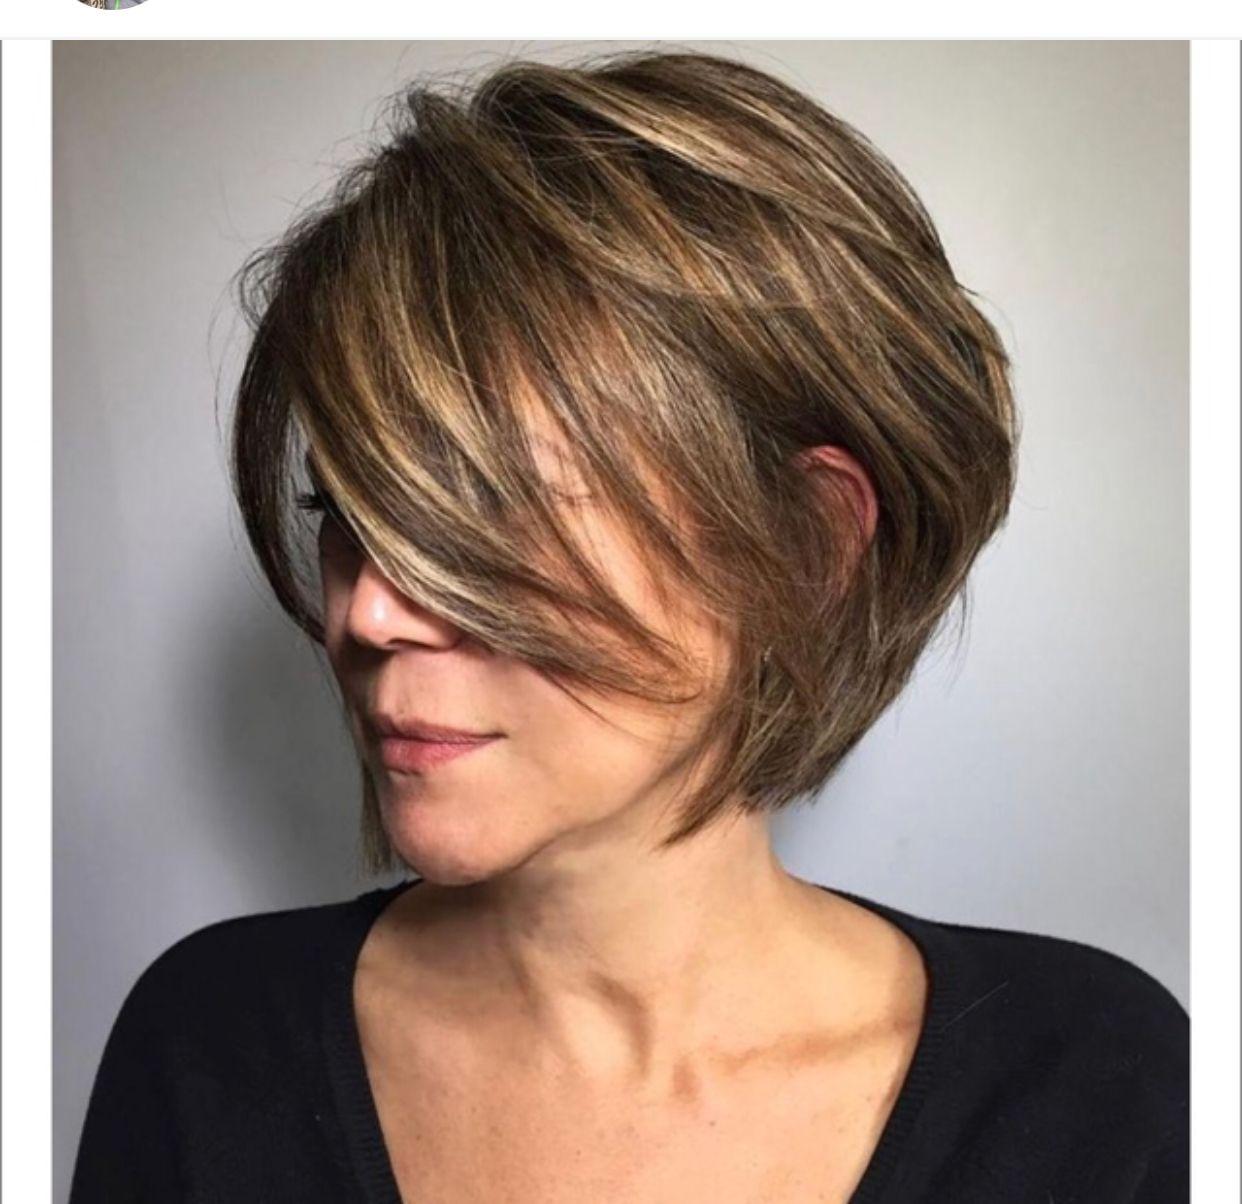 Pin von conte auf beauty :: locks  Haarschnitt bob, Haarschnitt